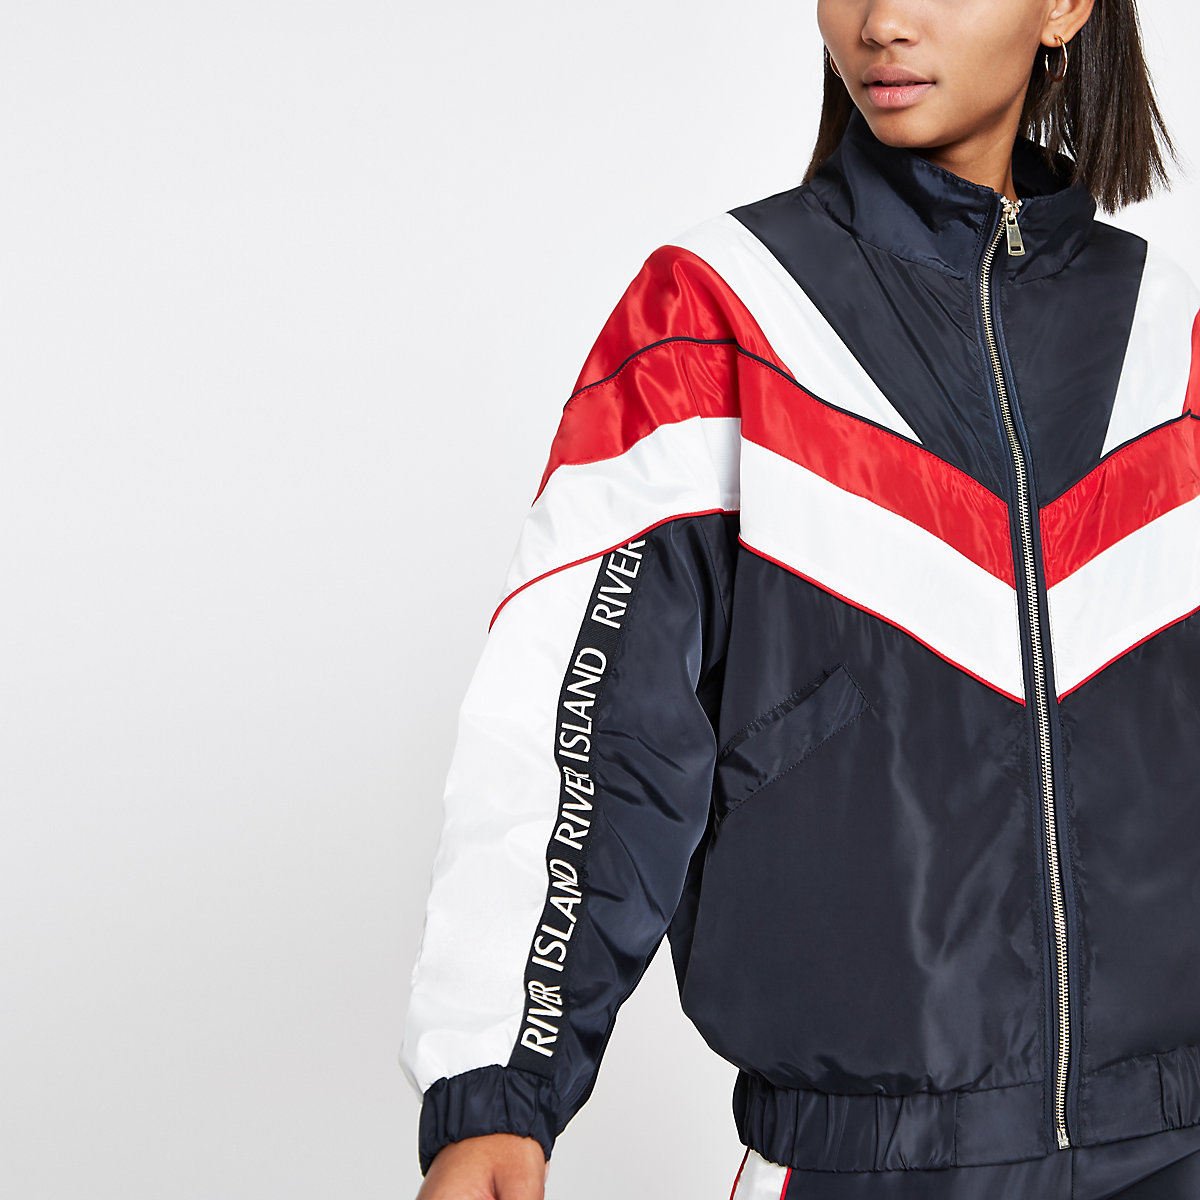 Navy block high neck track jacket